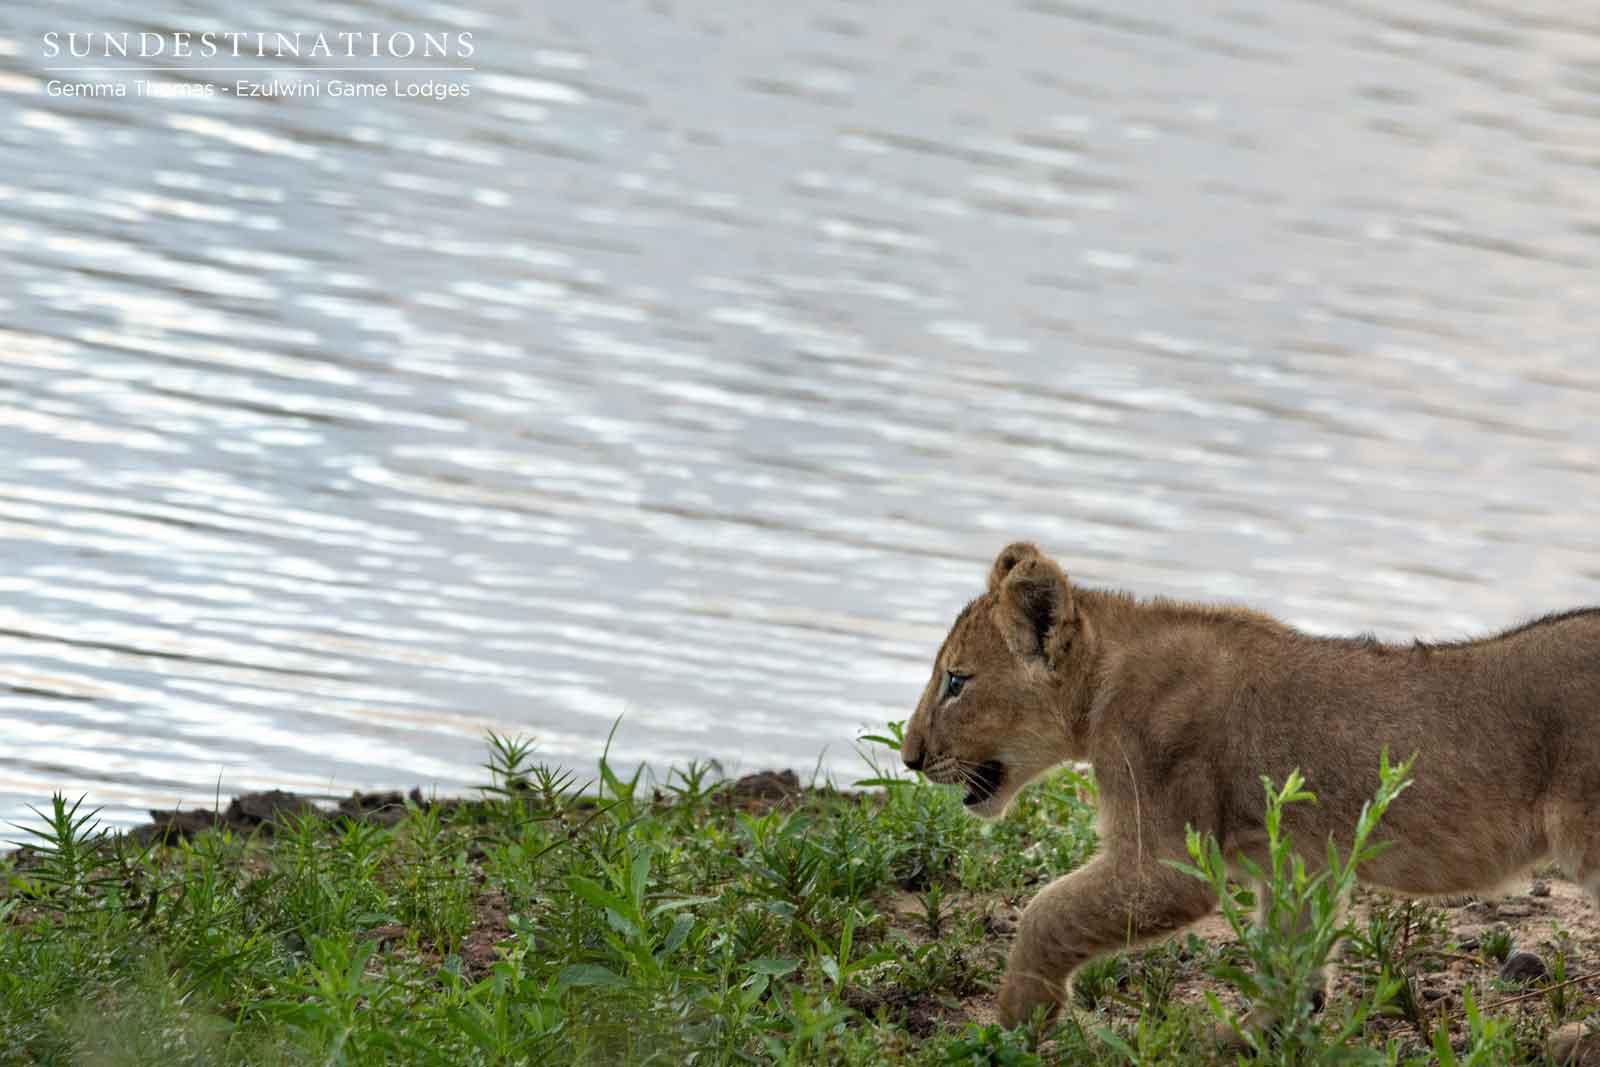 Ezulwini Lion Cubs